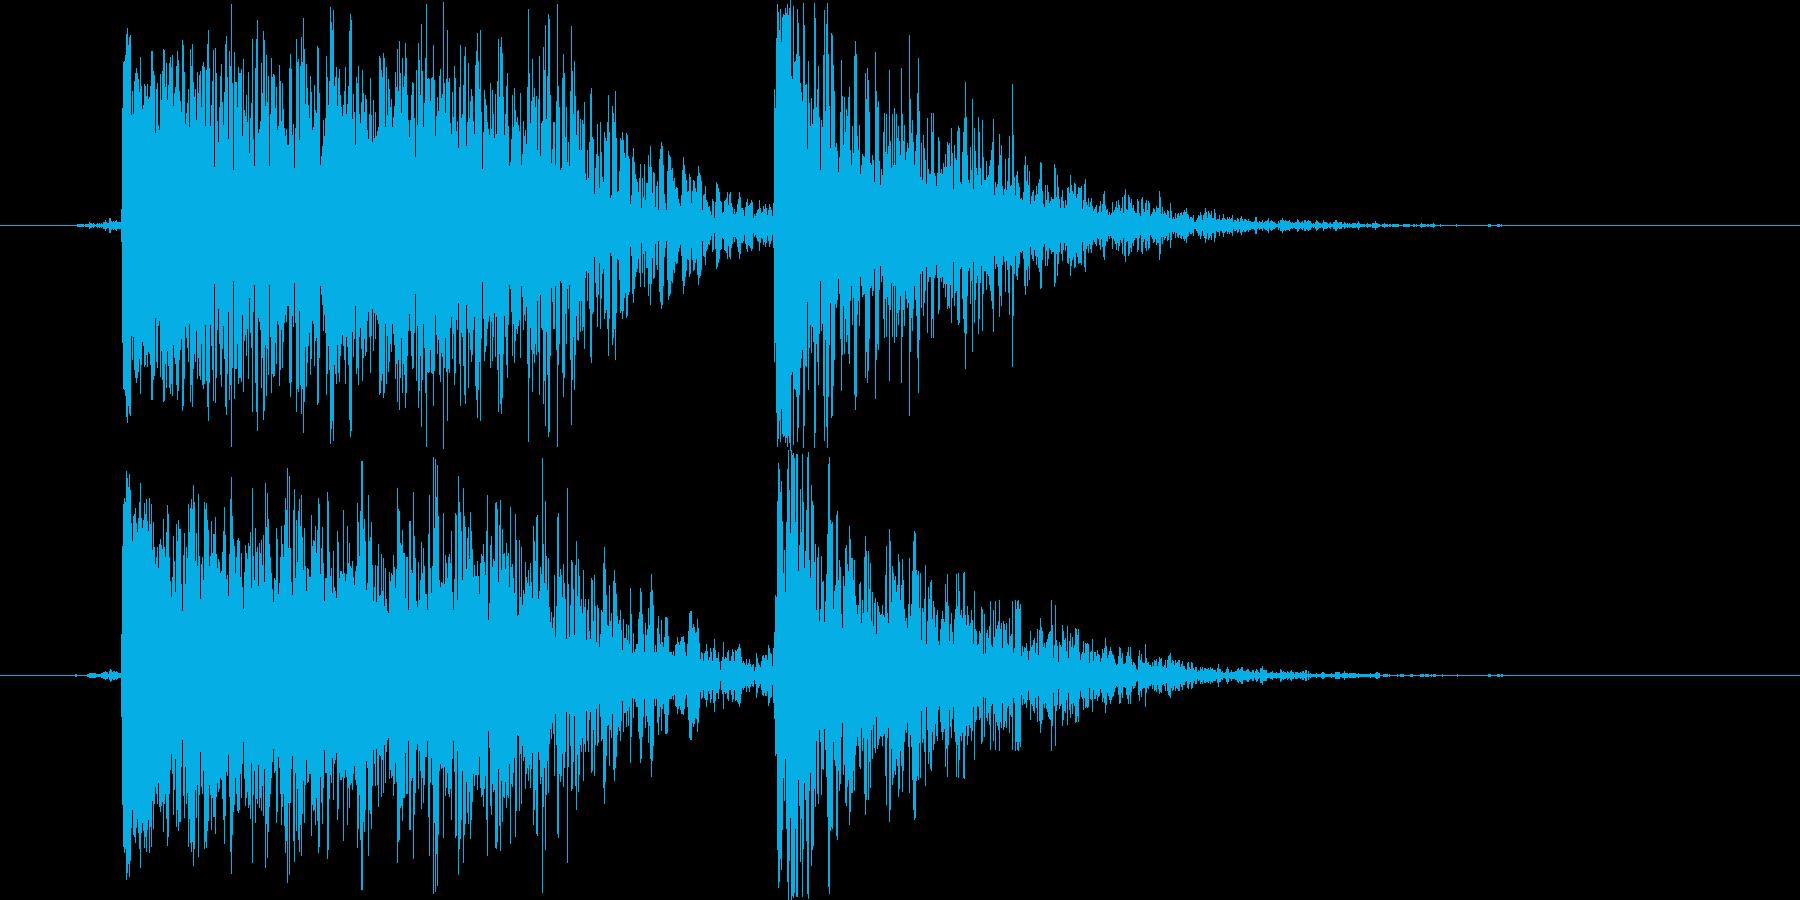 土魔法の音1(巨大な岩をぶつける)の再生済みの波形